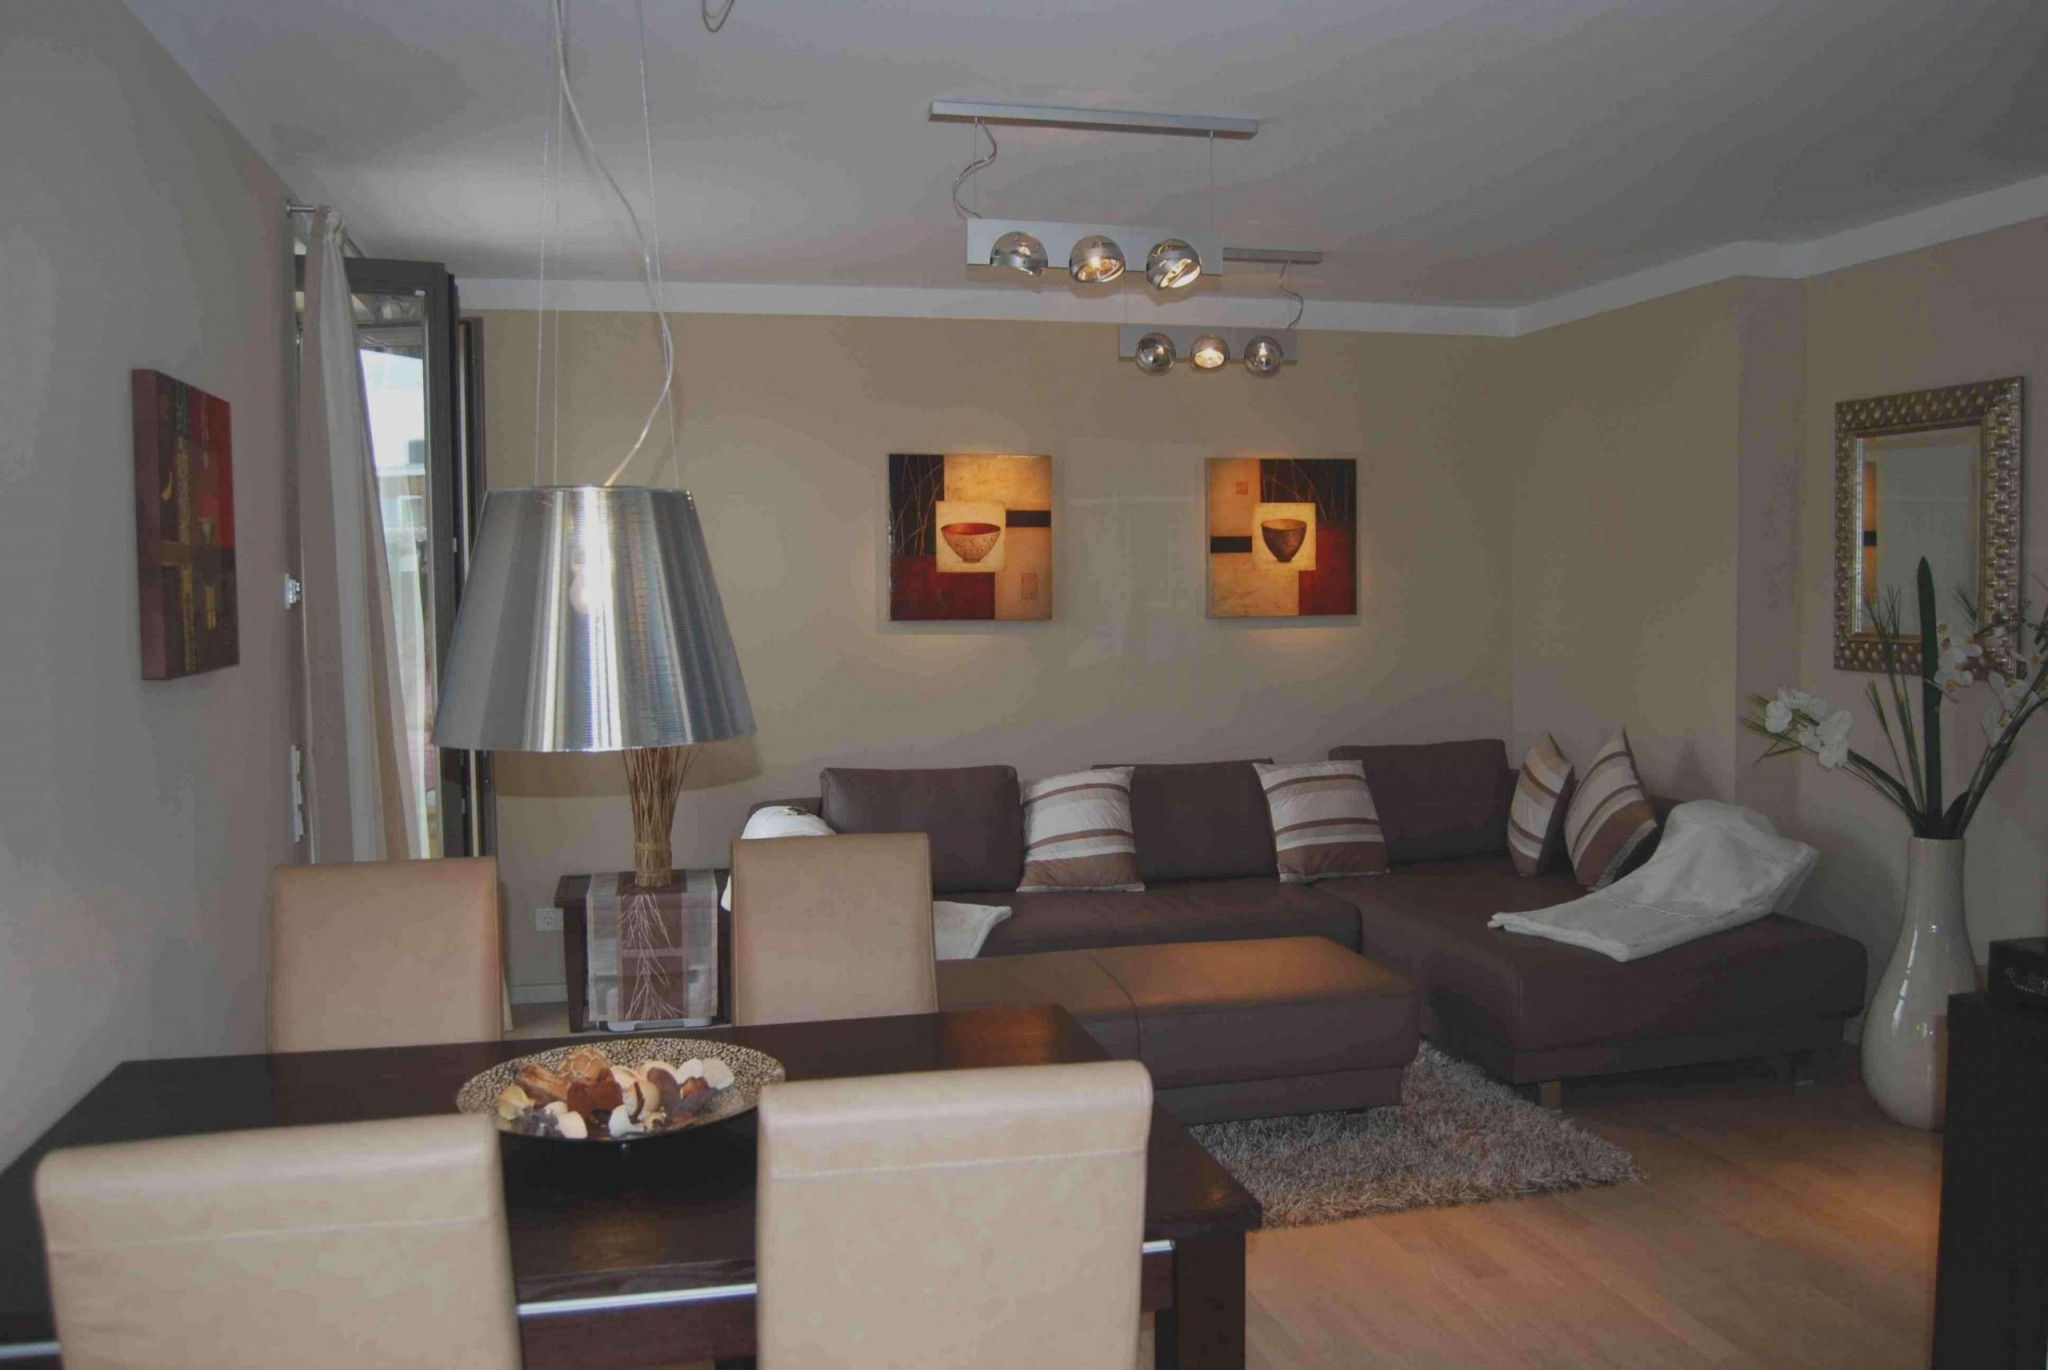 30 Luxus Kleines Wohnzimmer Mit Essbereich Einrichten von Wohnzimmer 25 Qm Einrichten Photo